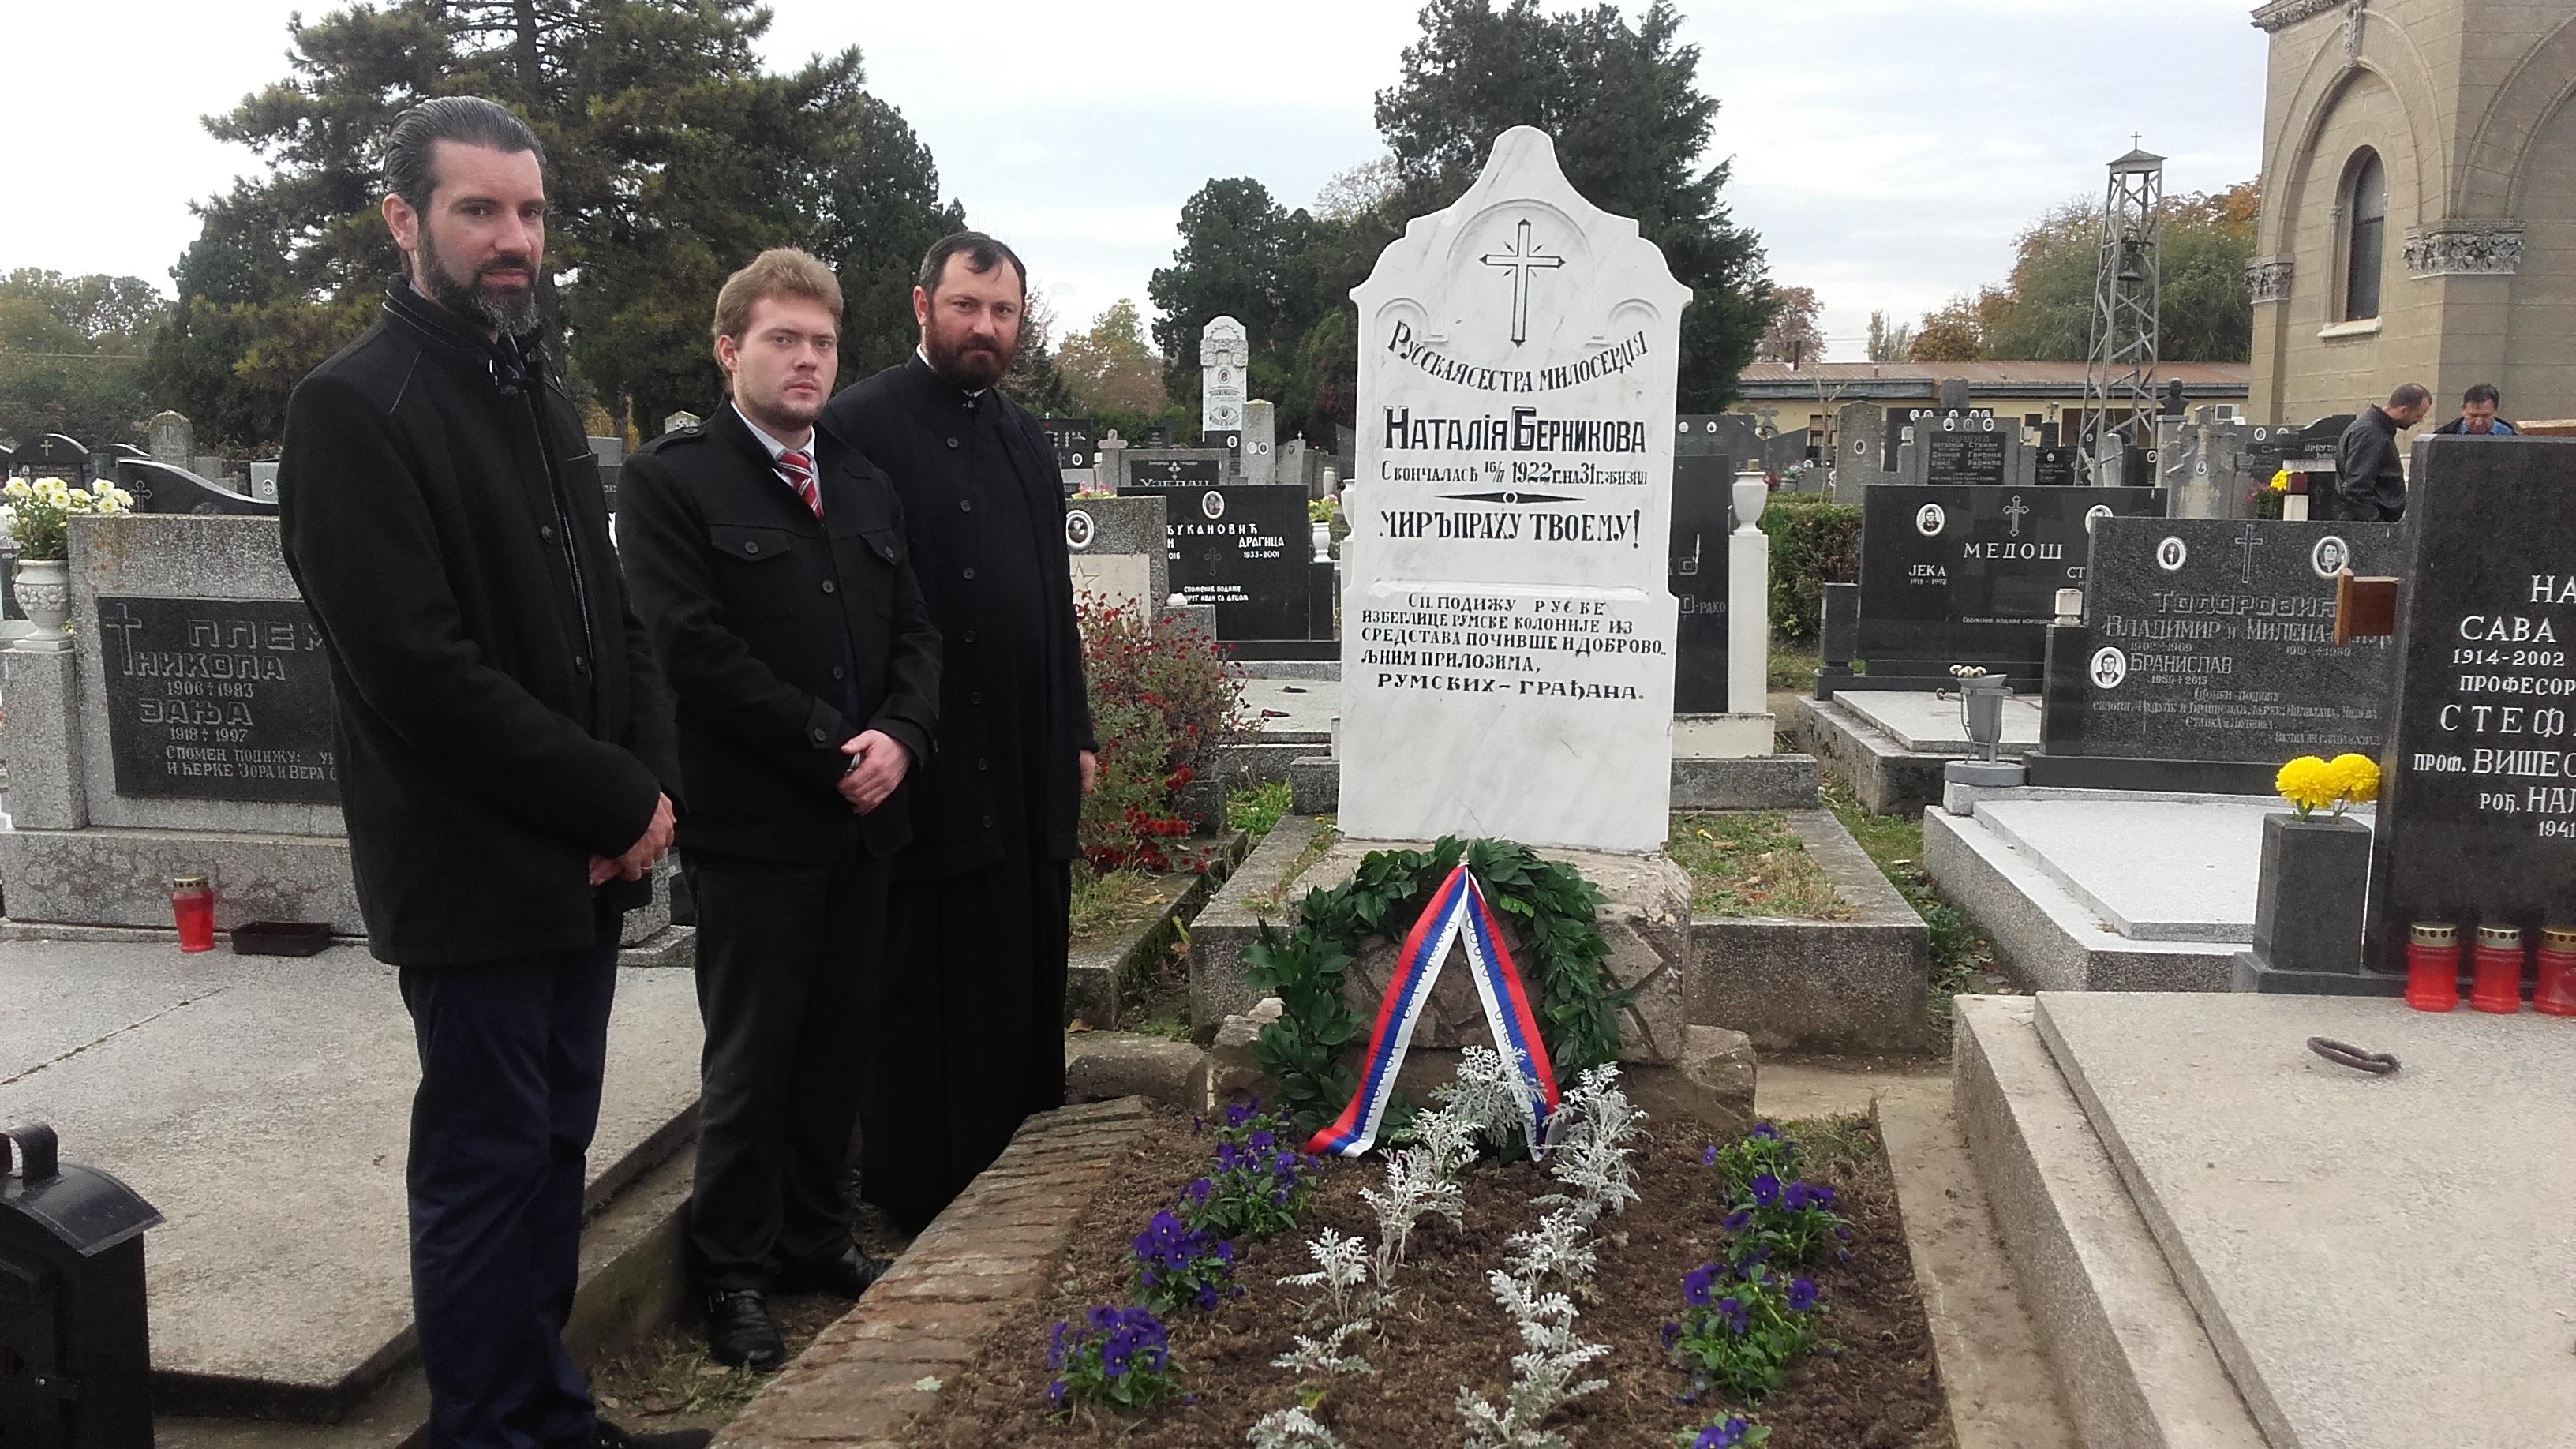 Руски аташе за културу, Алексеј Морозов, посетио гроб Наталије Берњикове